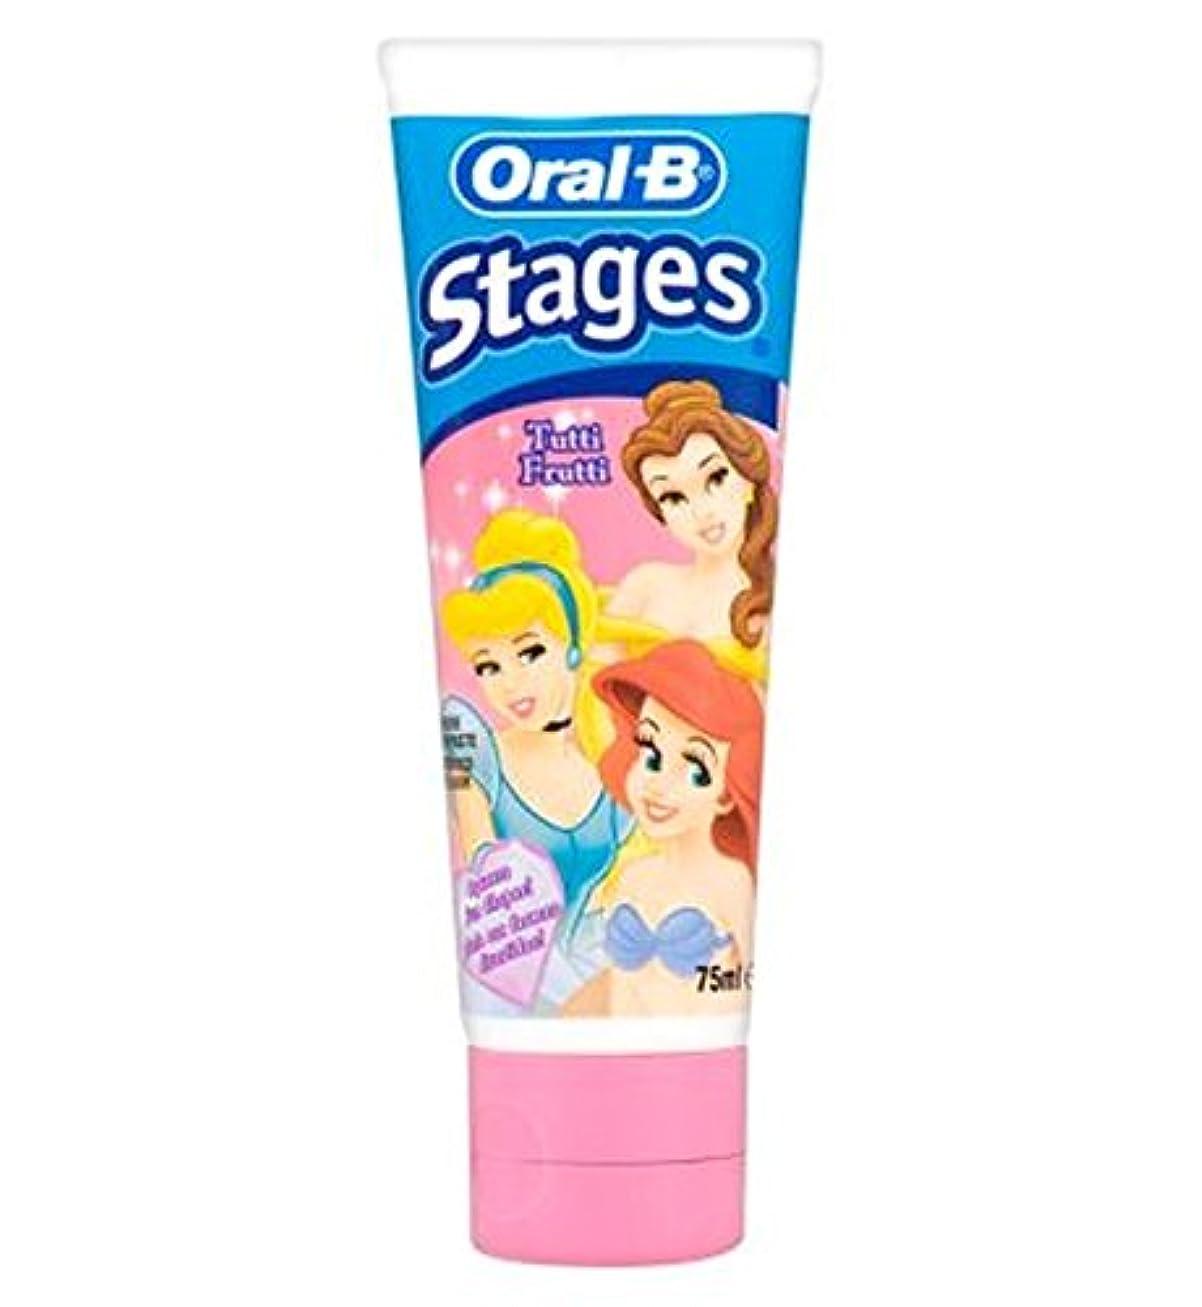 修士号水平確執Oral-B Stages Toothpaste 75ml - オーラルBは、歯磨き粉の75ミリリットルをステージ (Oral B) [並行輸入品]